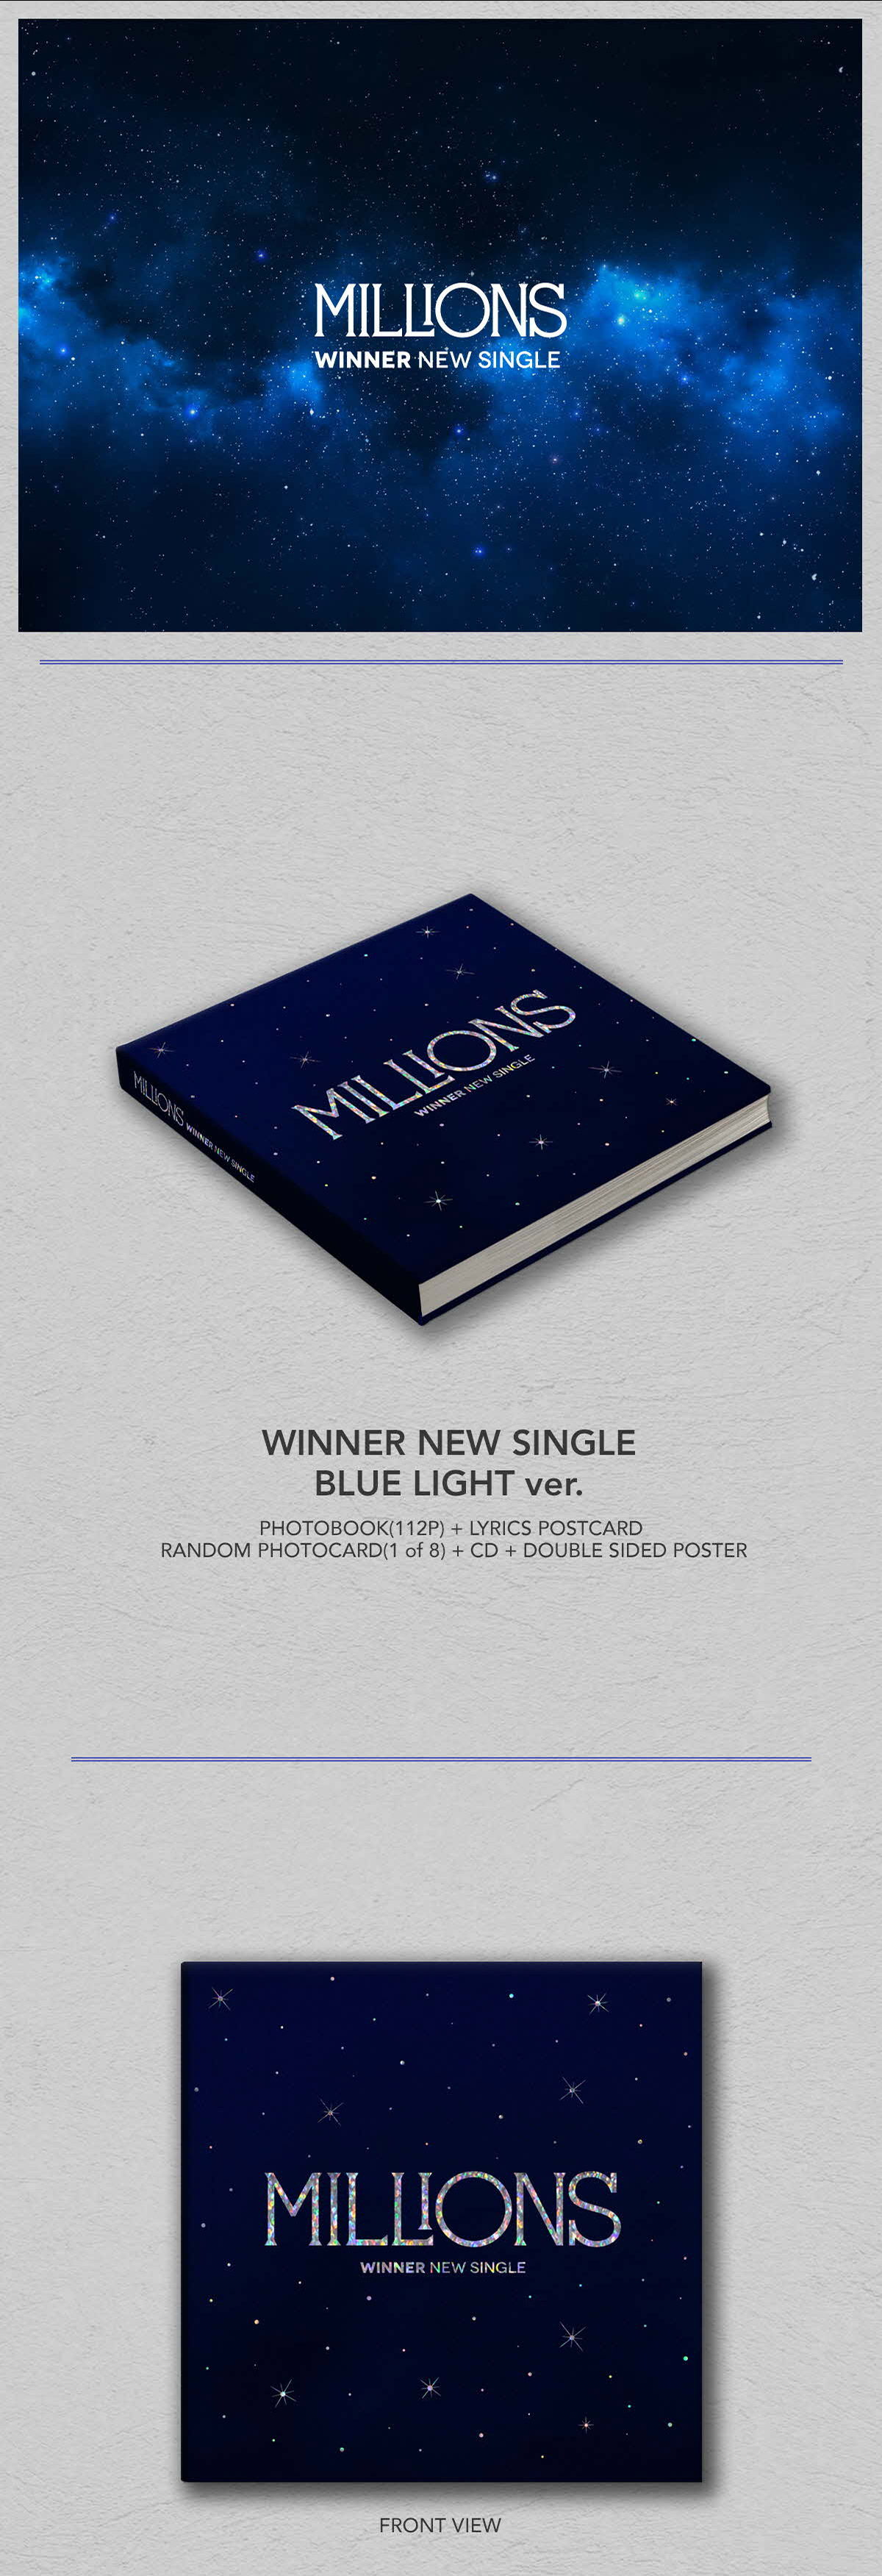 winner_millions_01.jpg